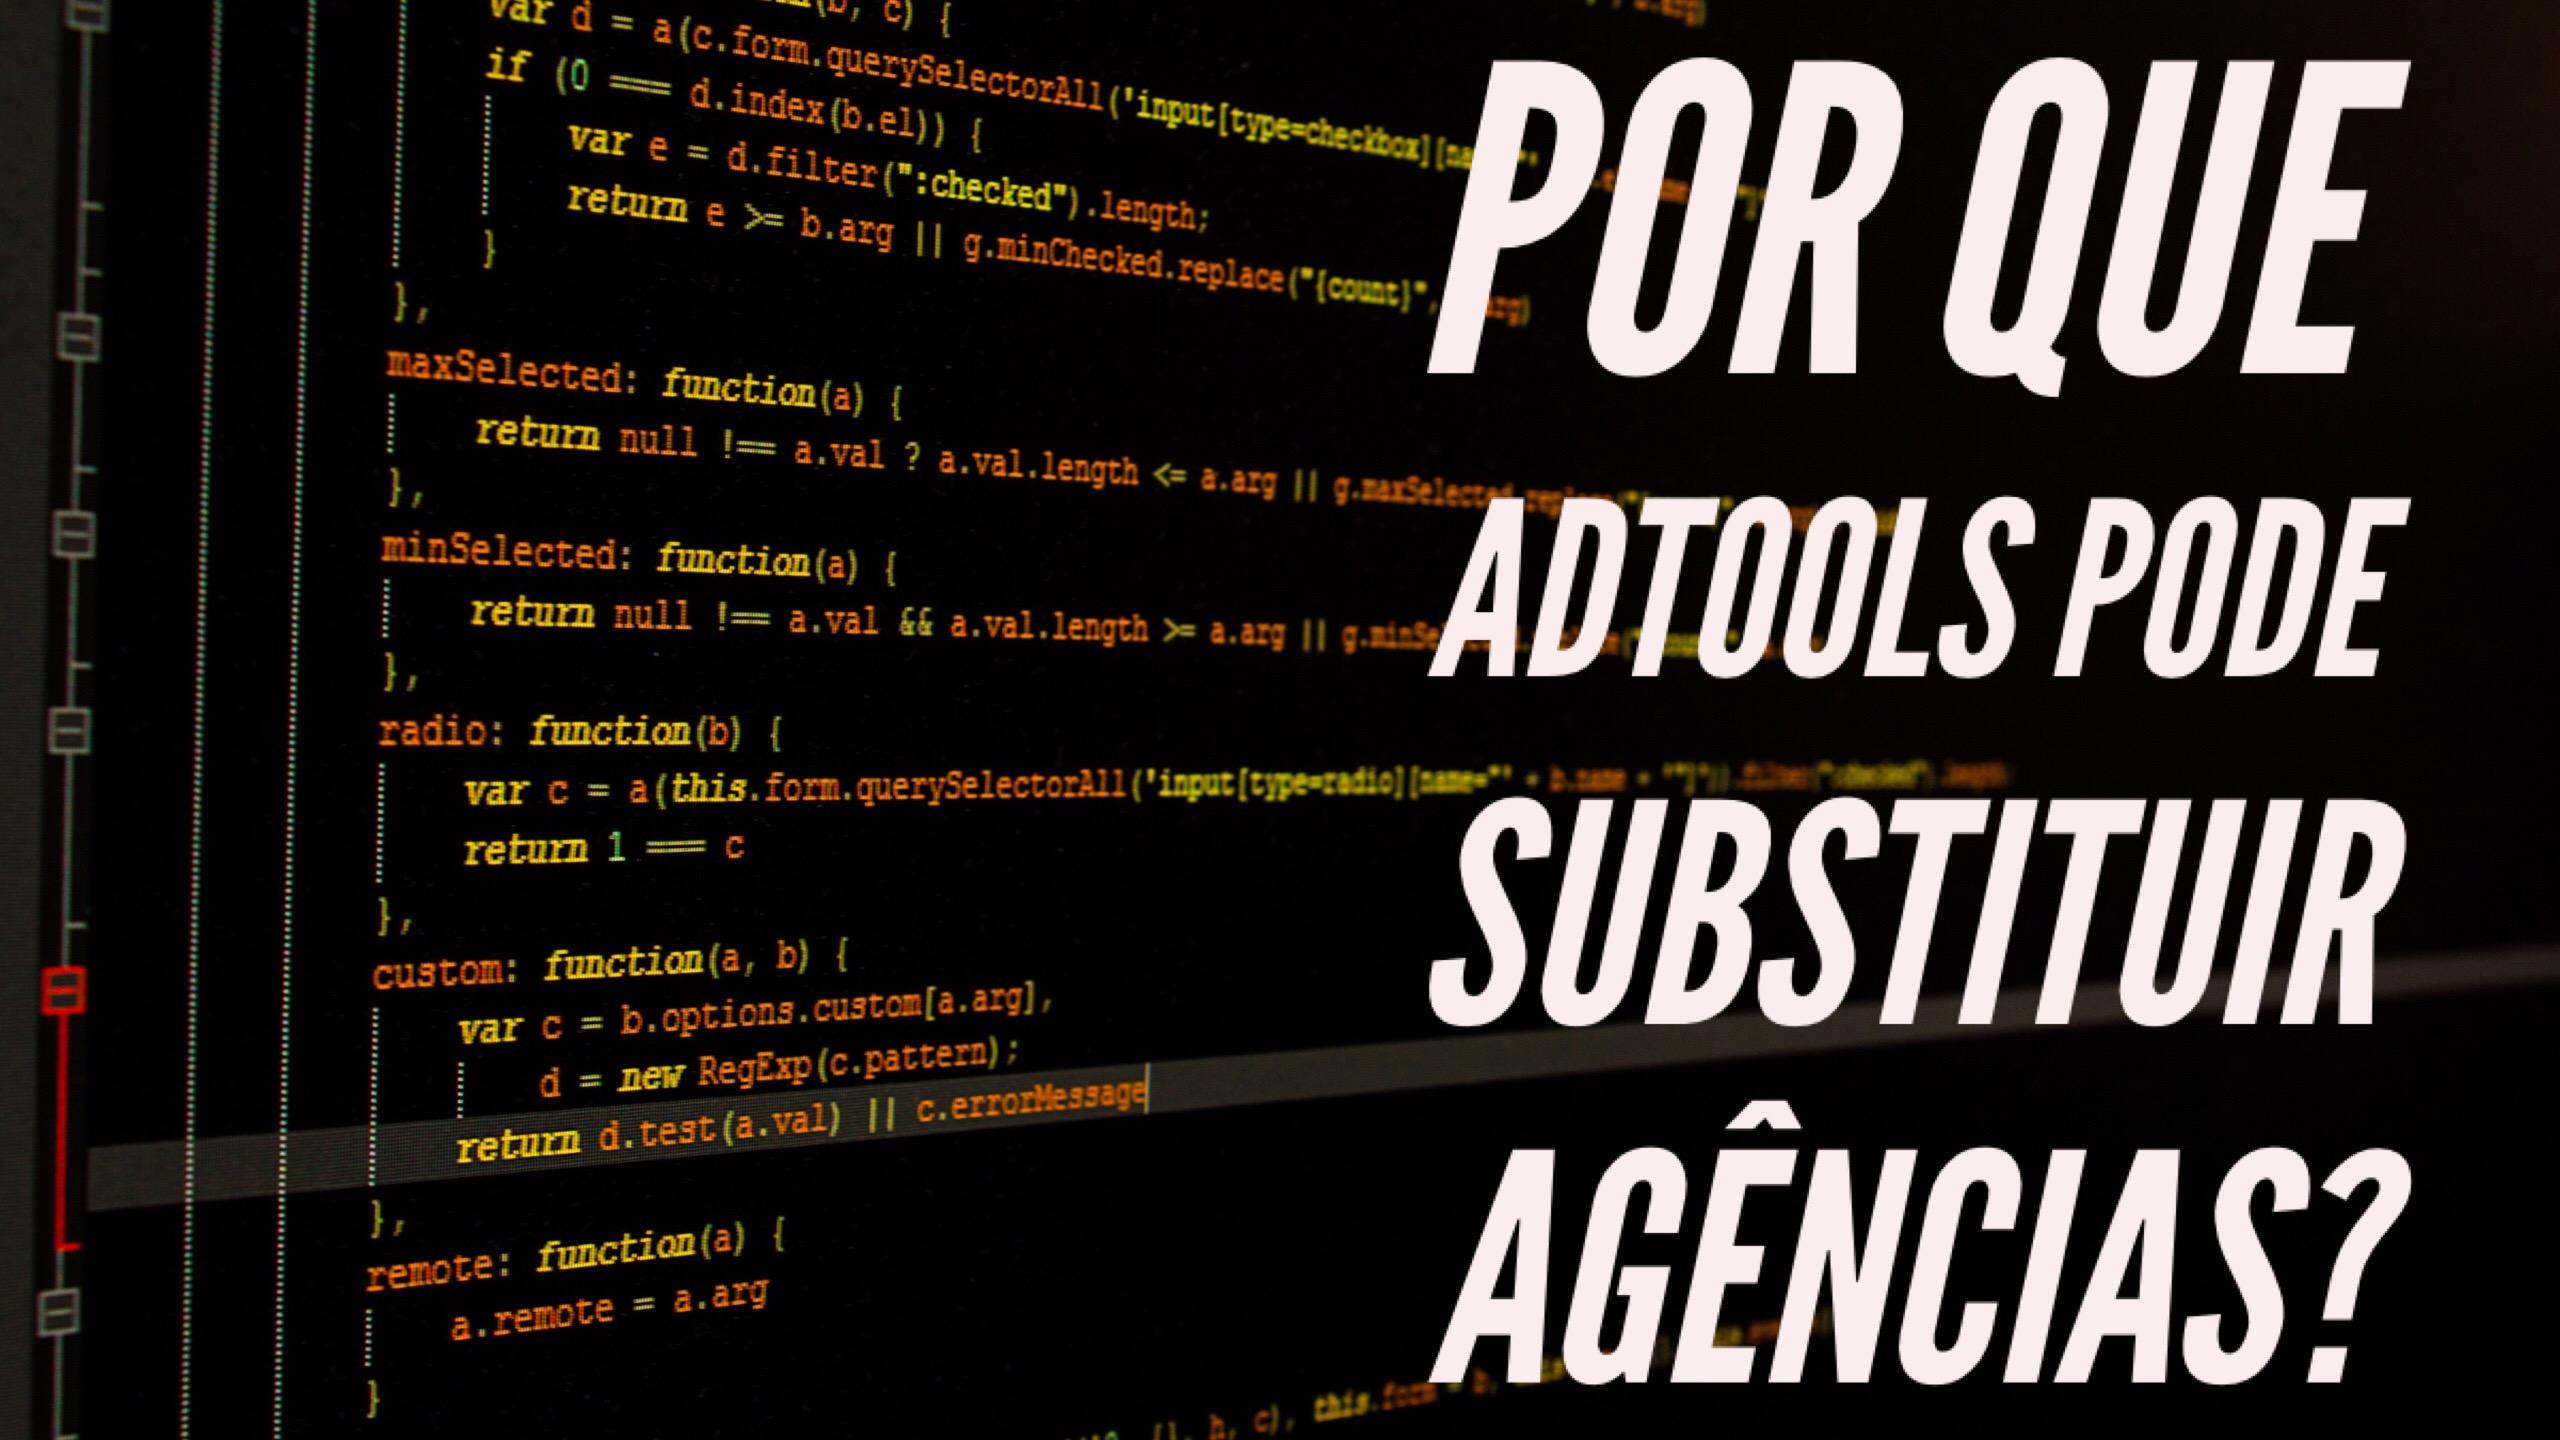 Por que AdTools pode substituir agências?